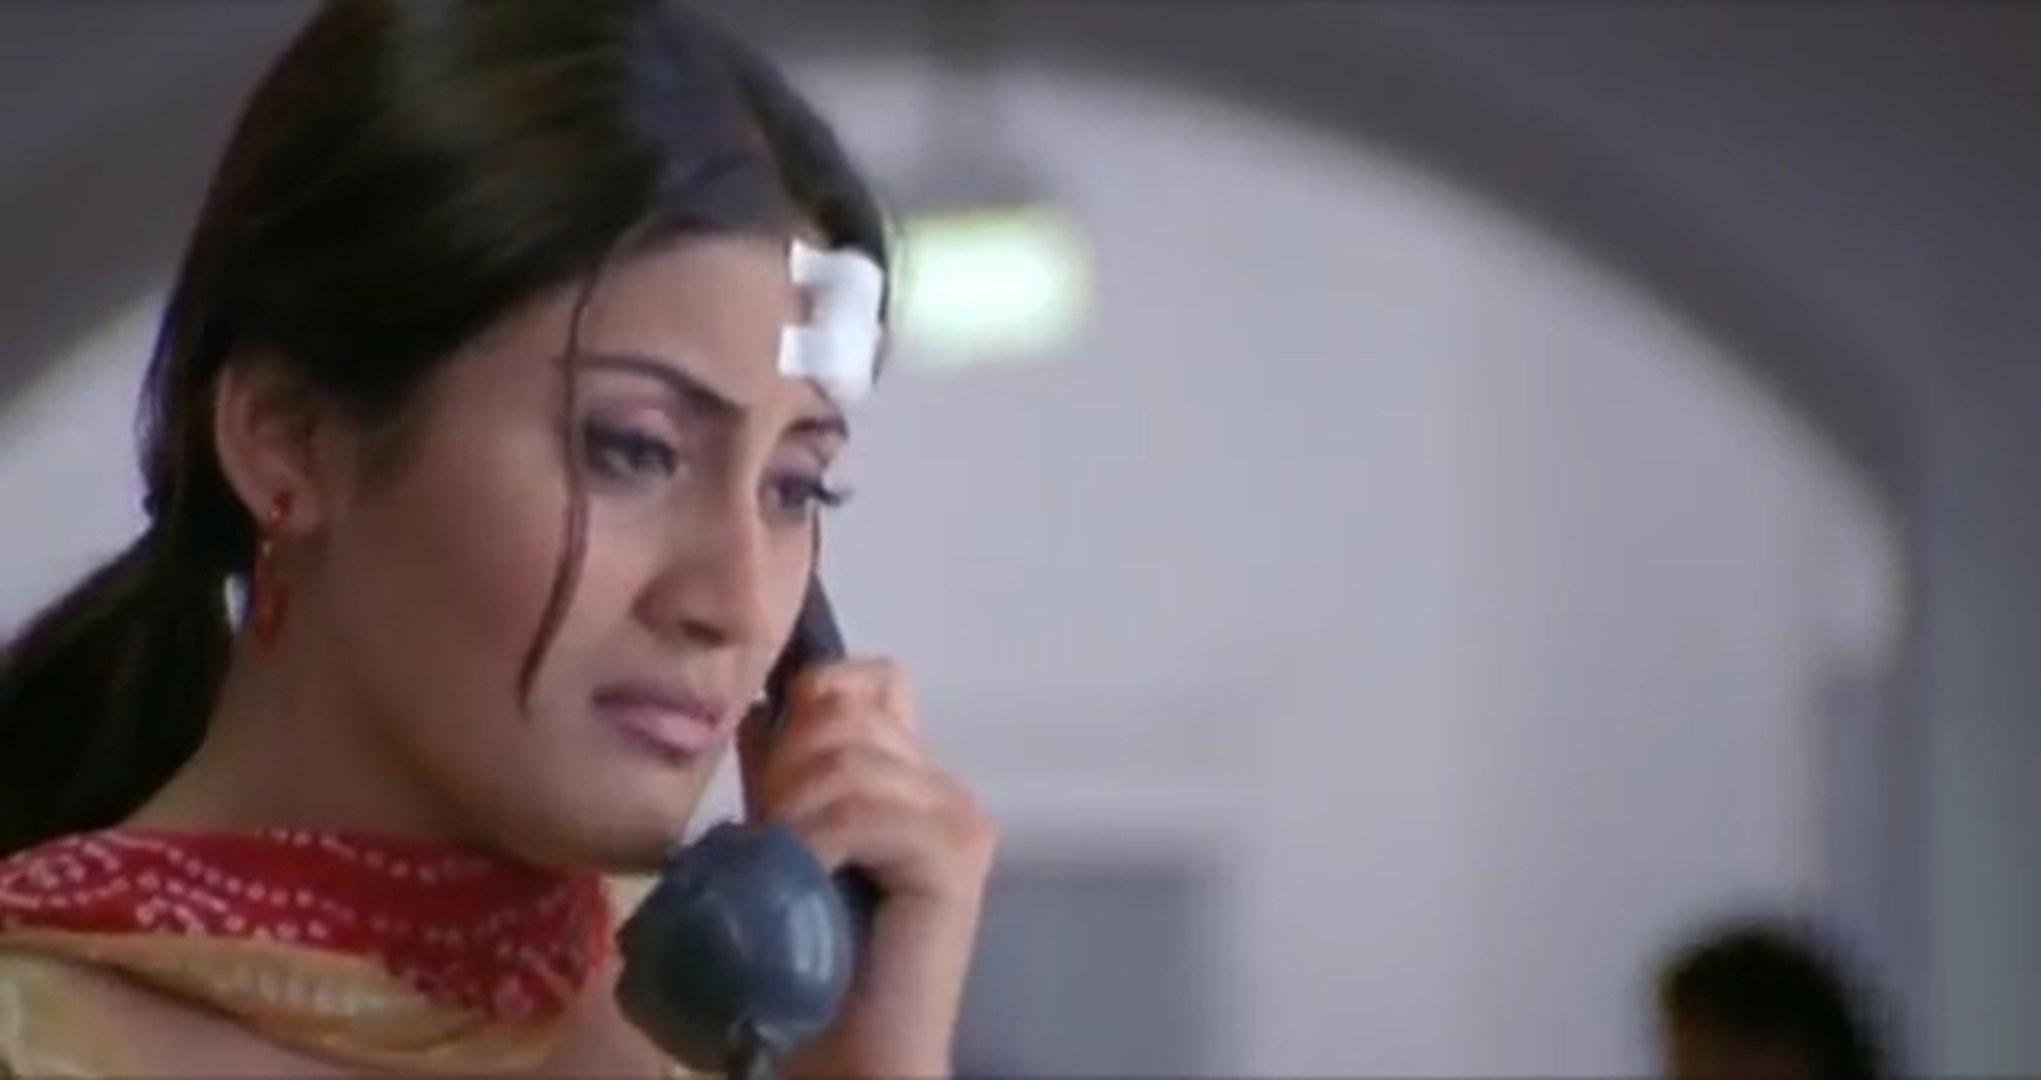 Hungama - Hindi Movies Full Movie  Akshaye Khanna, Paresh Rawal  Hindi Full Comedy Movies _ PART 3